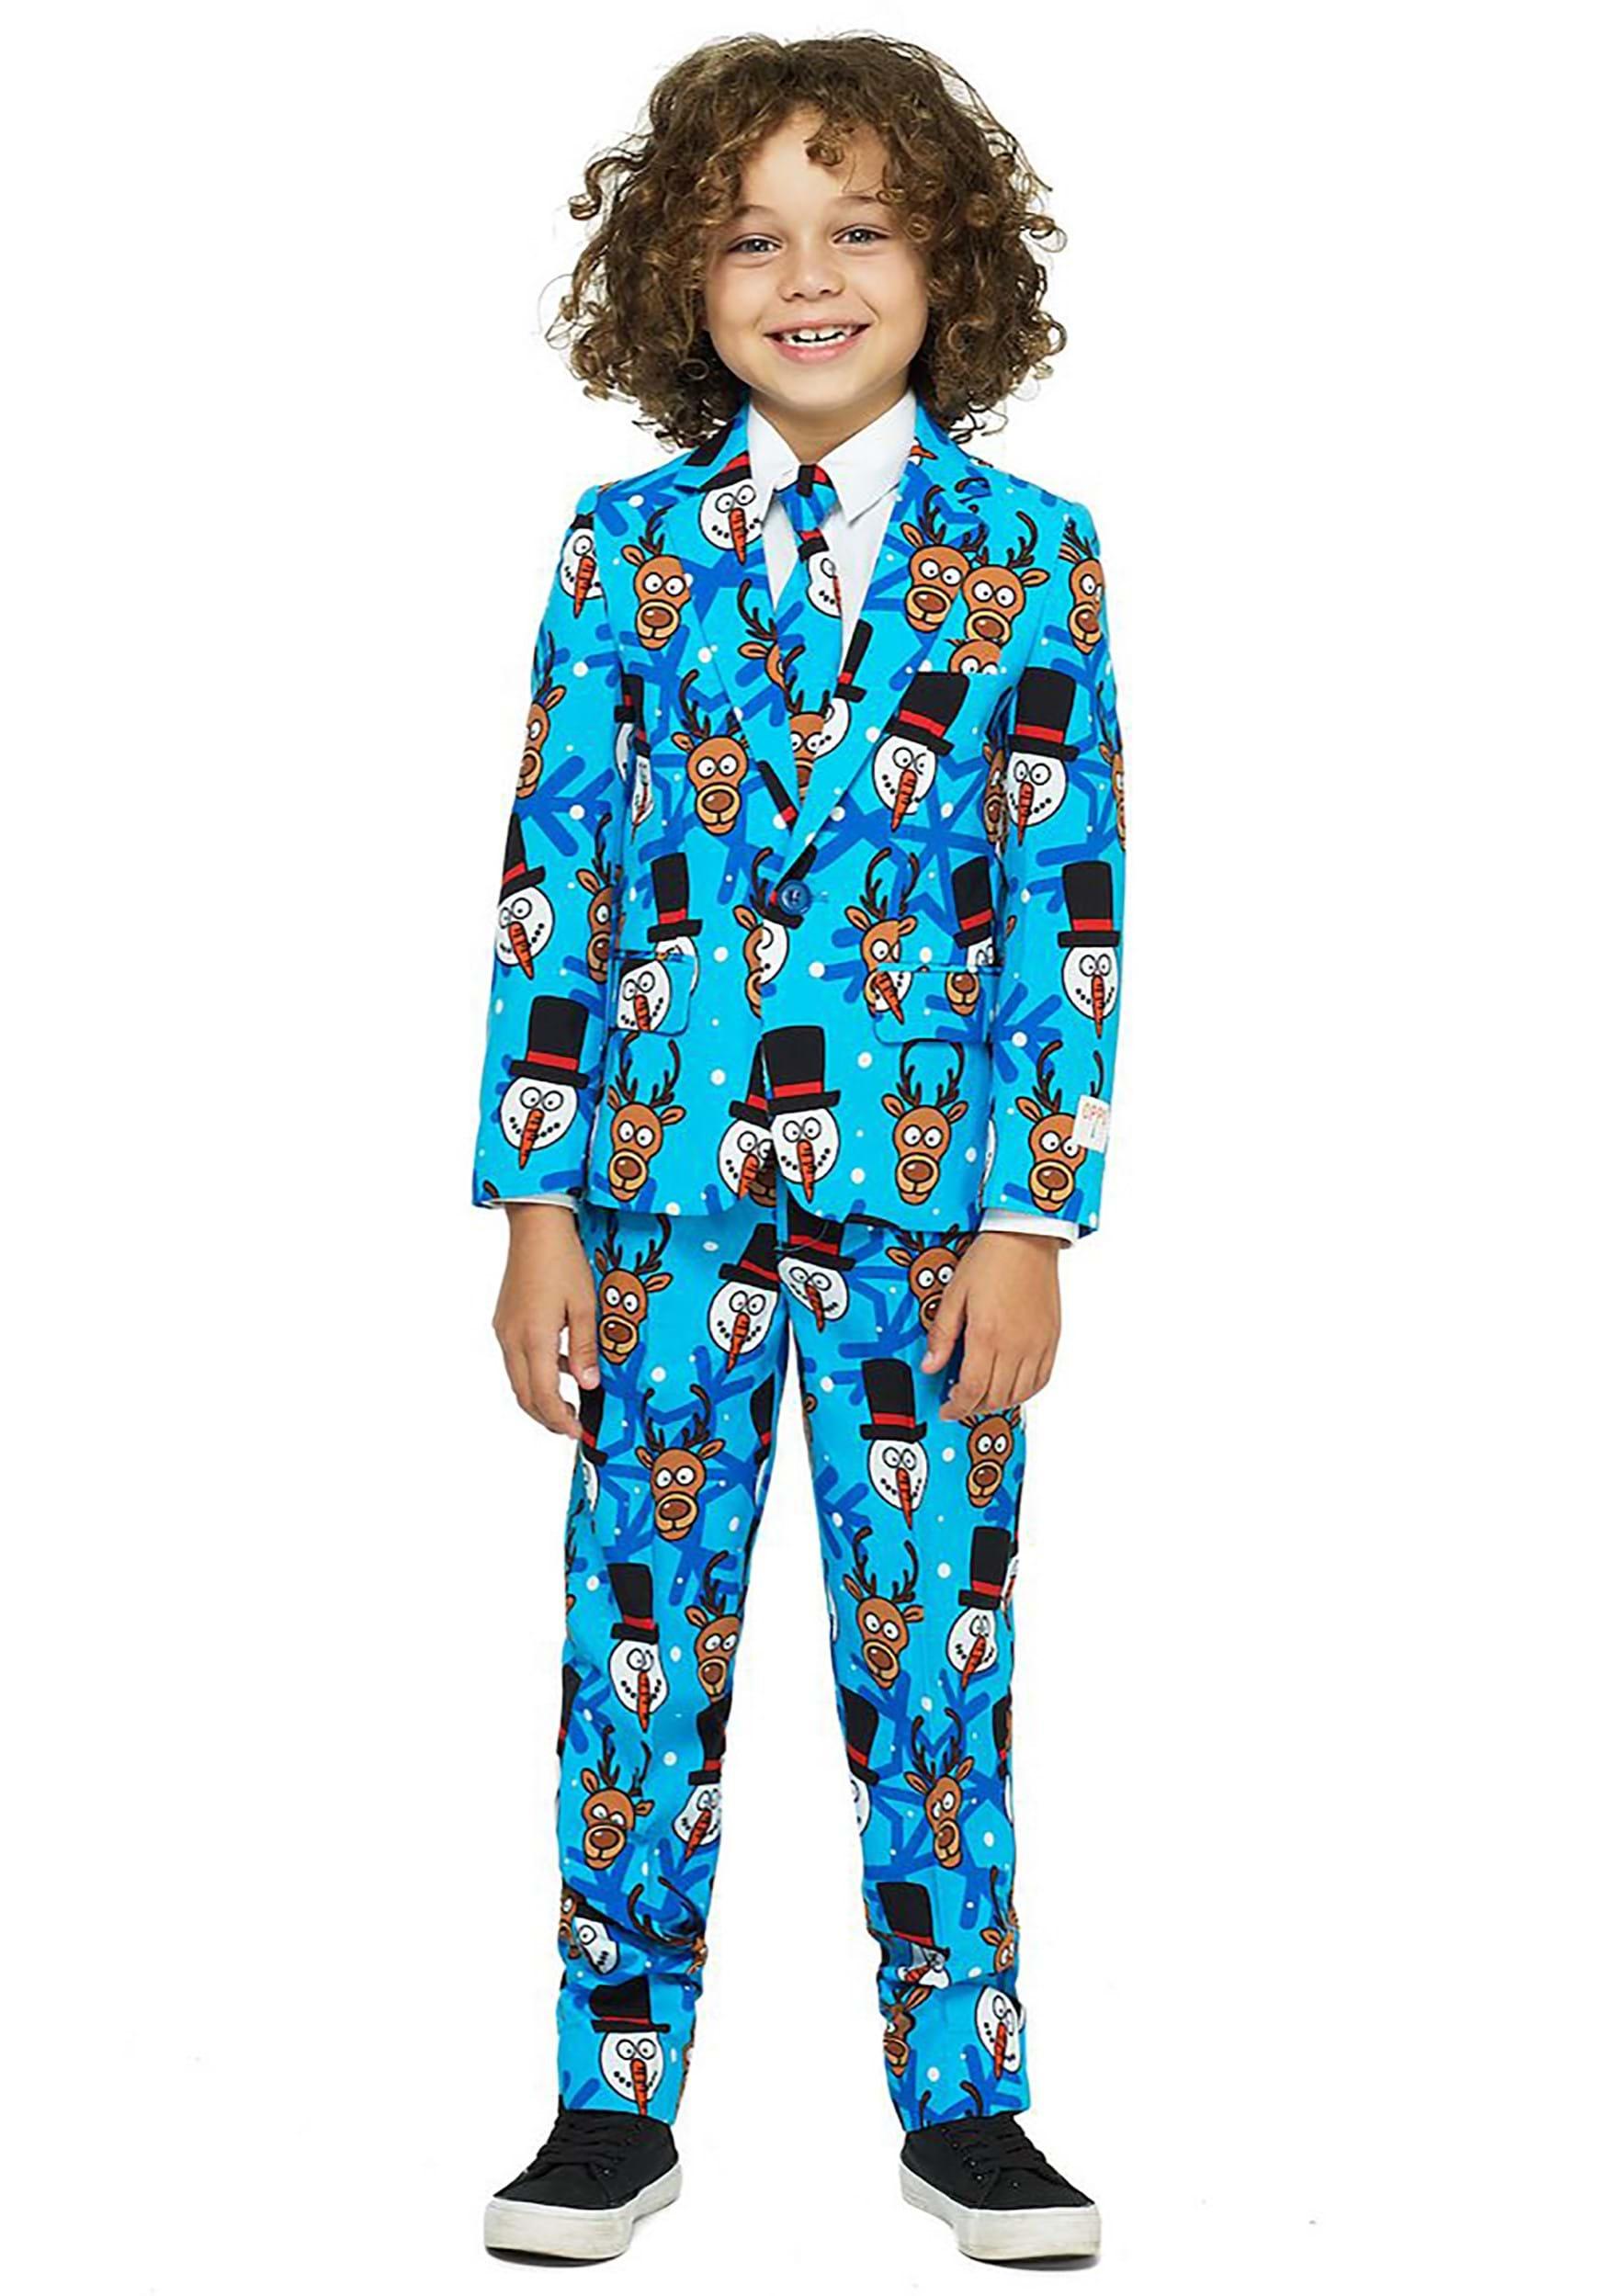 617ffebd60f Opposuits Boys Winter Winner Suit